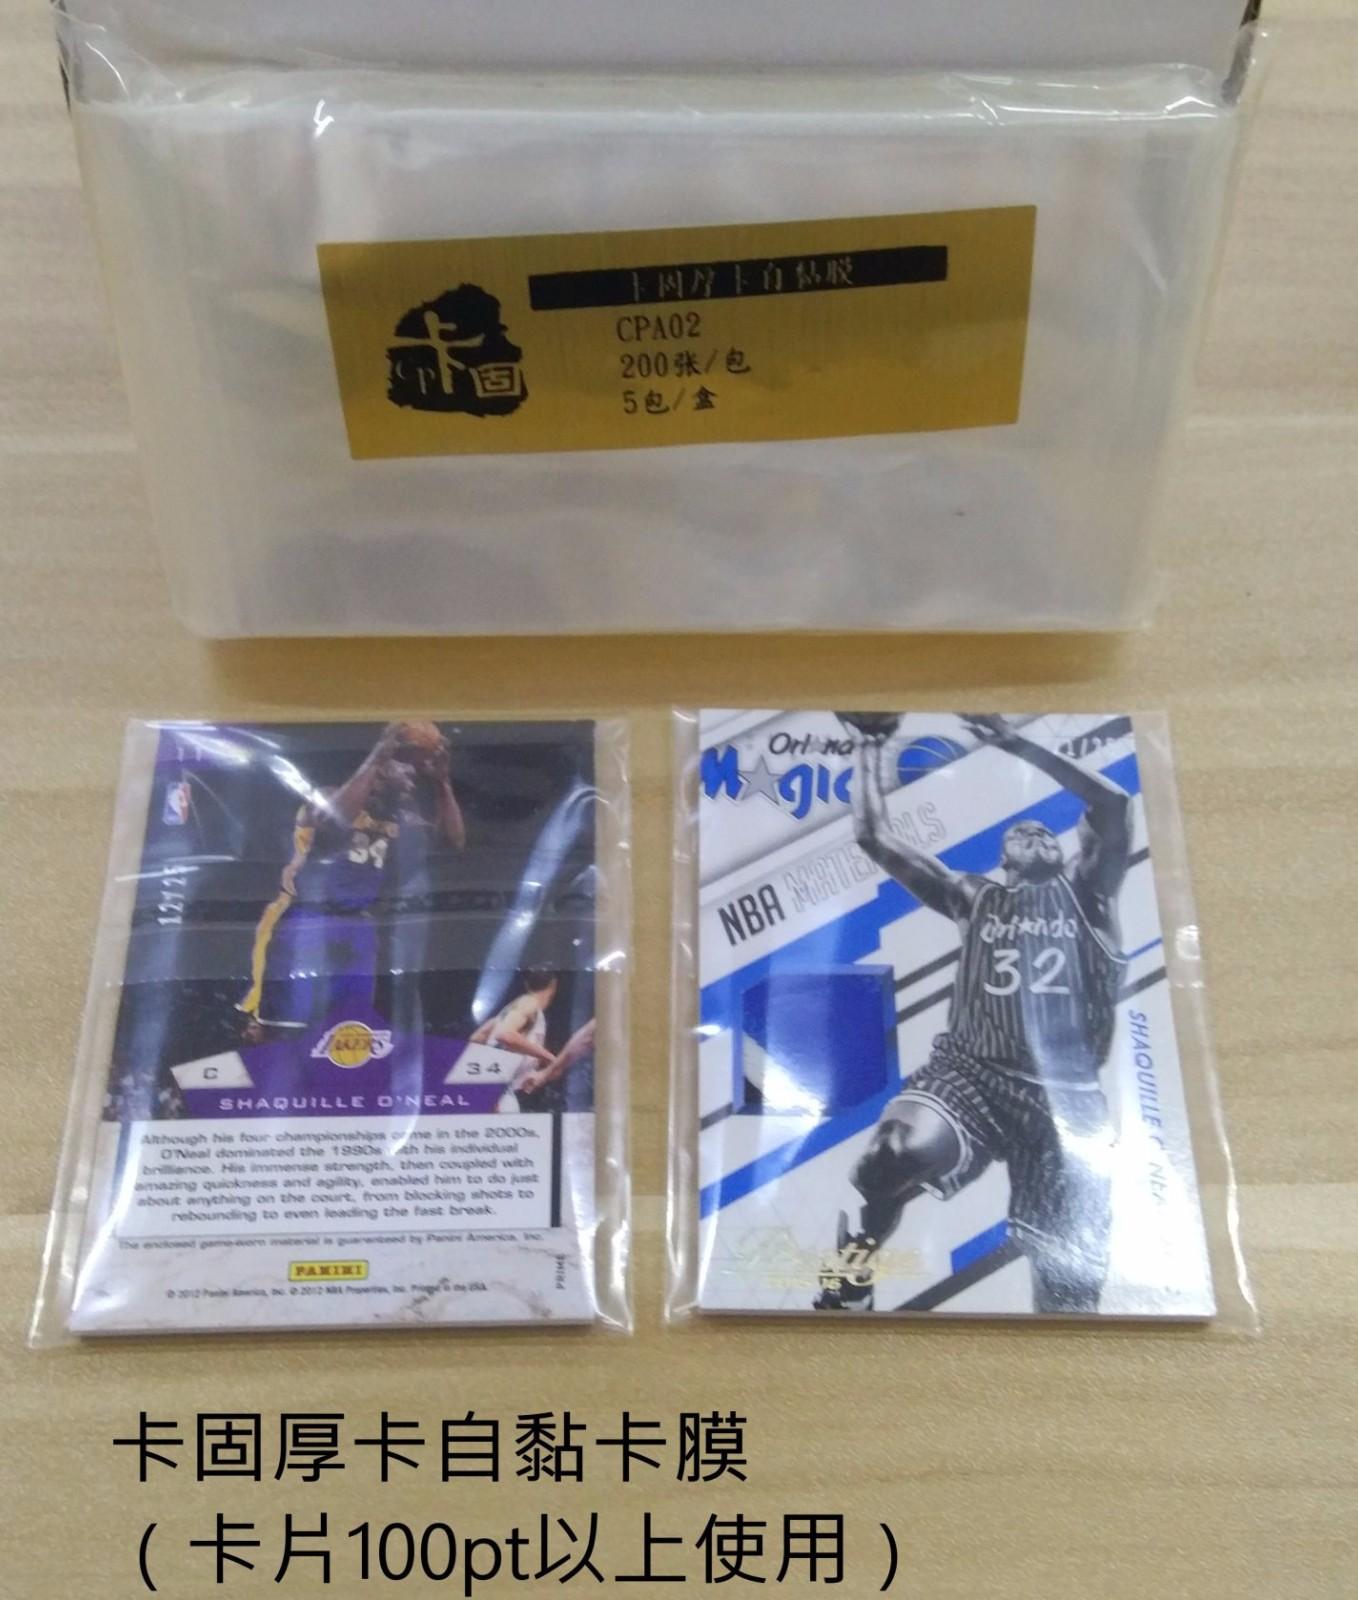 【卡固】CPA02 厚卡自粘膜 200张/包